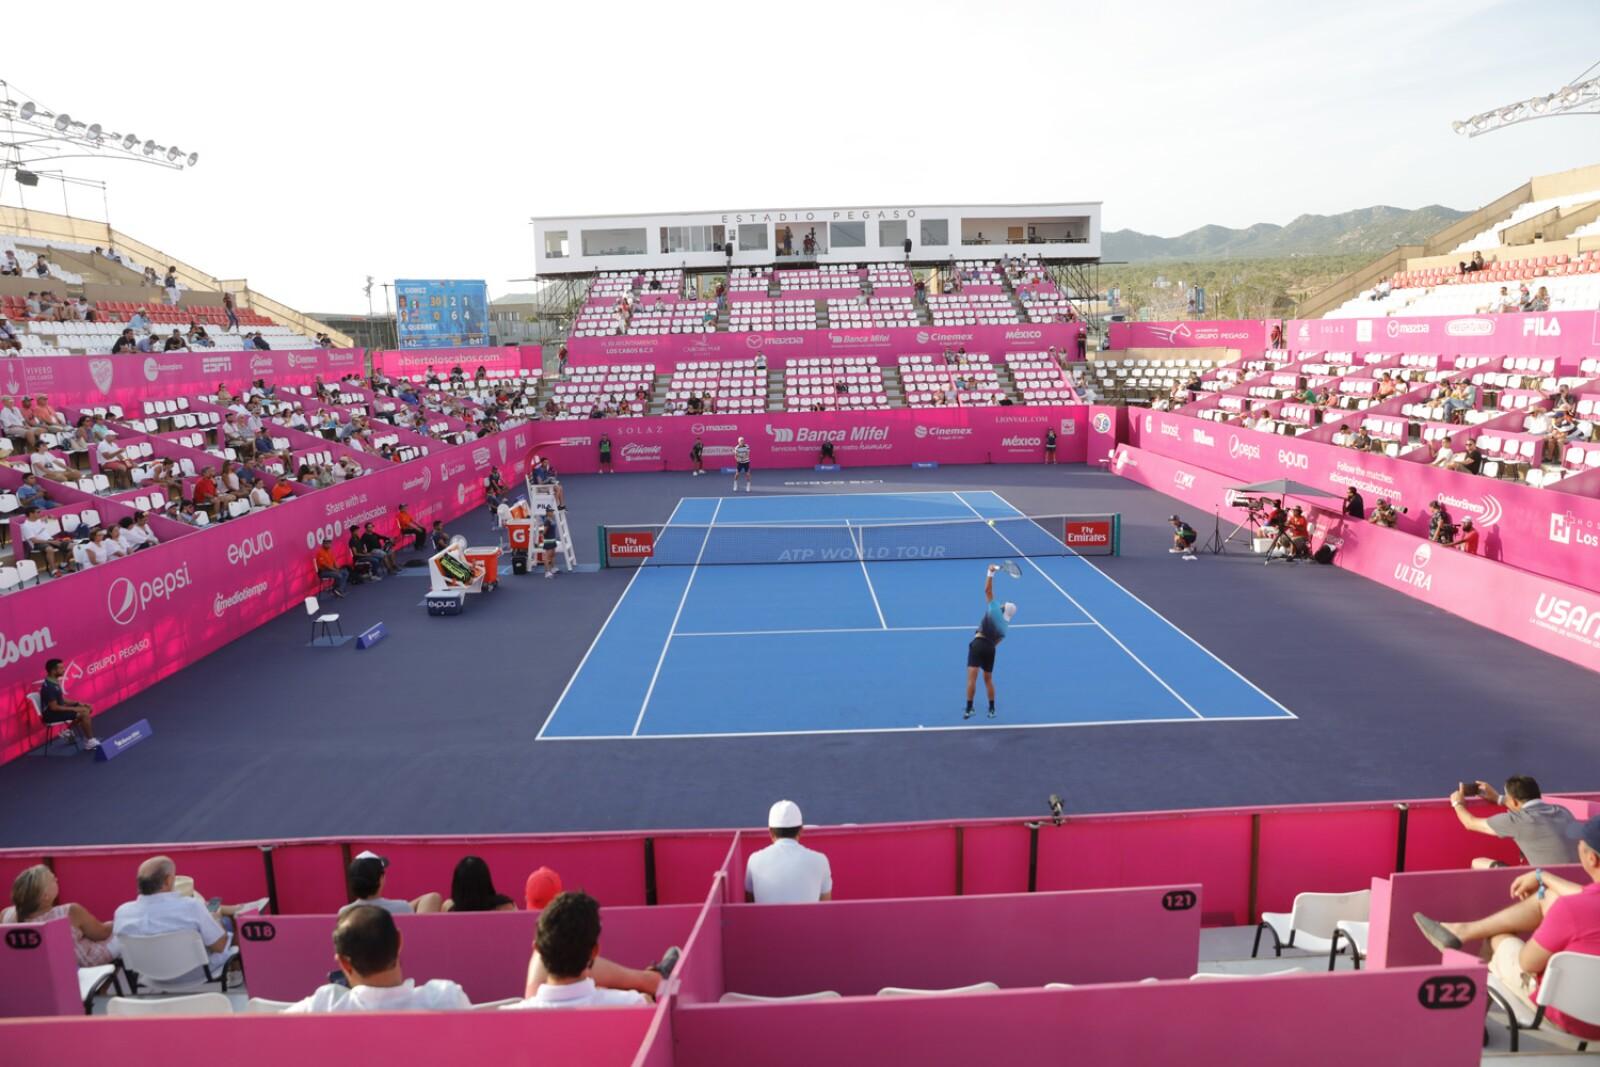 Abierto de Tenis Los Cabos martes